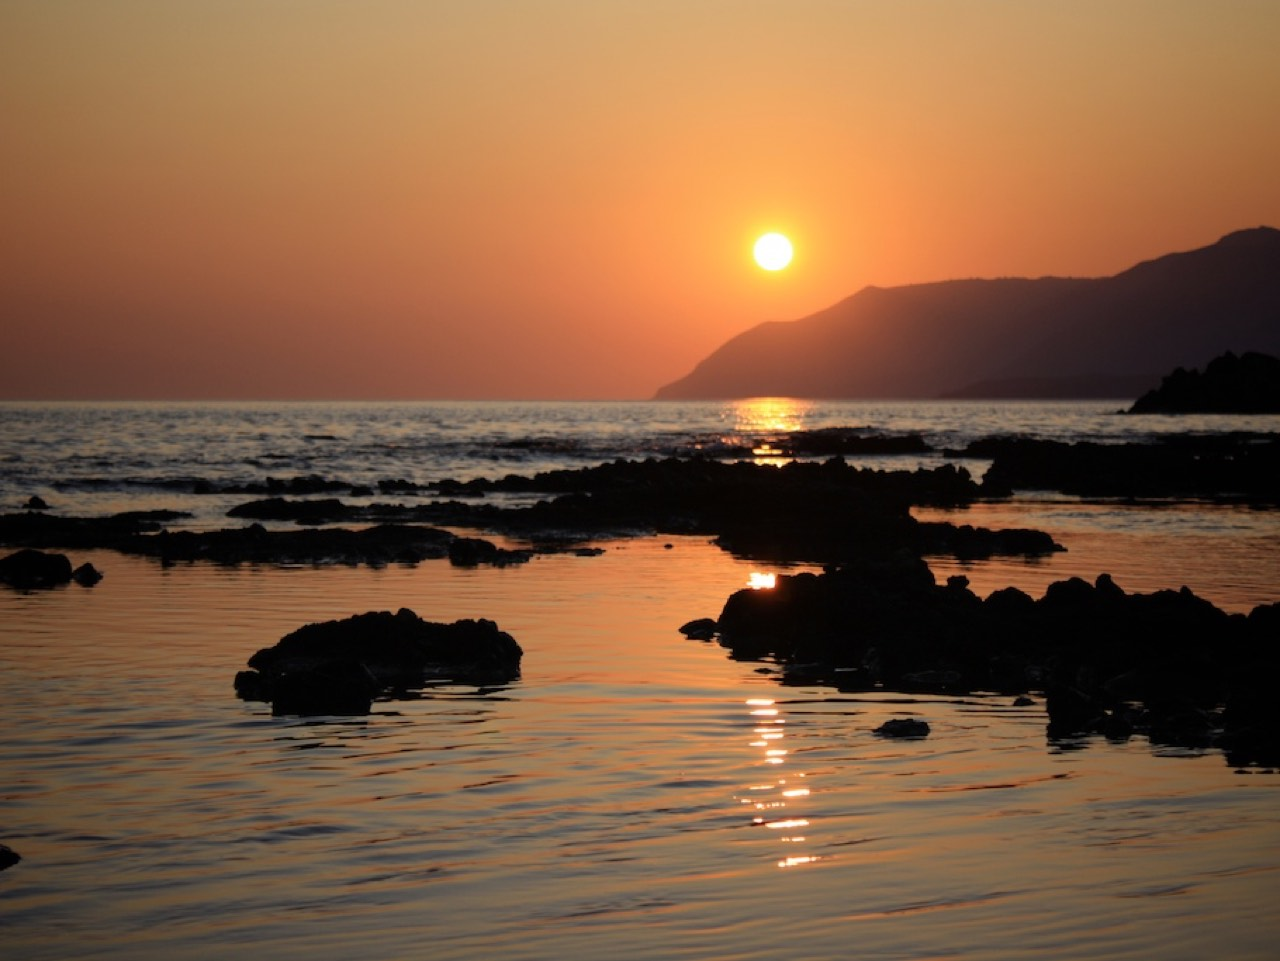 Sunset at Frangokastello